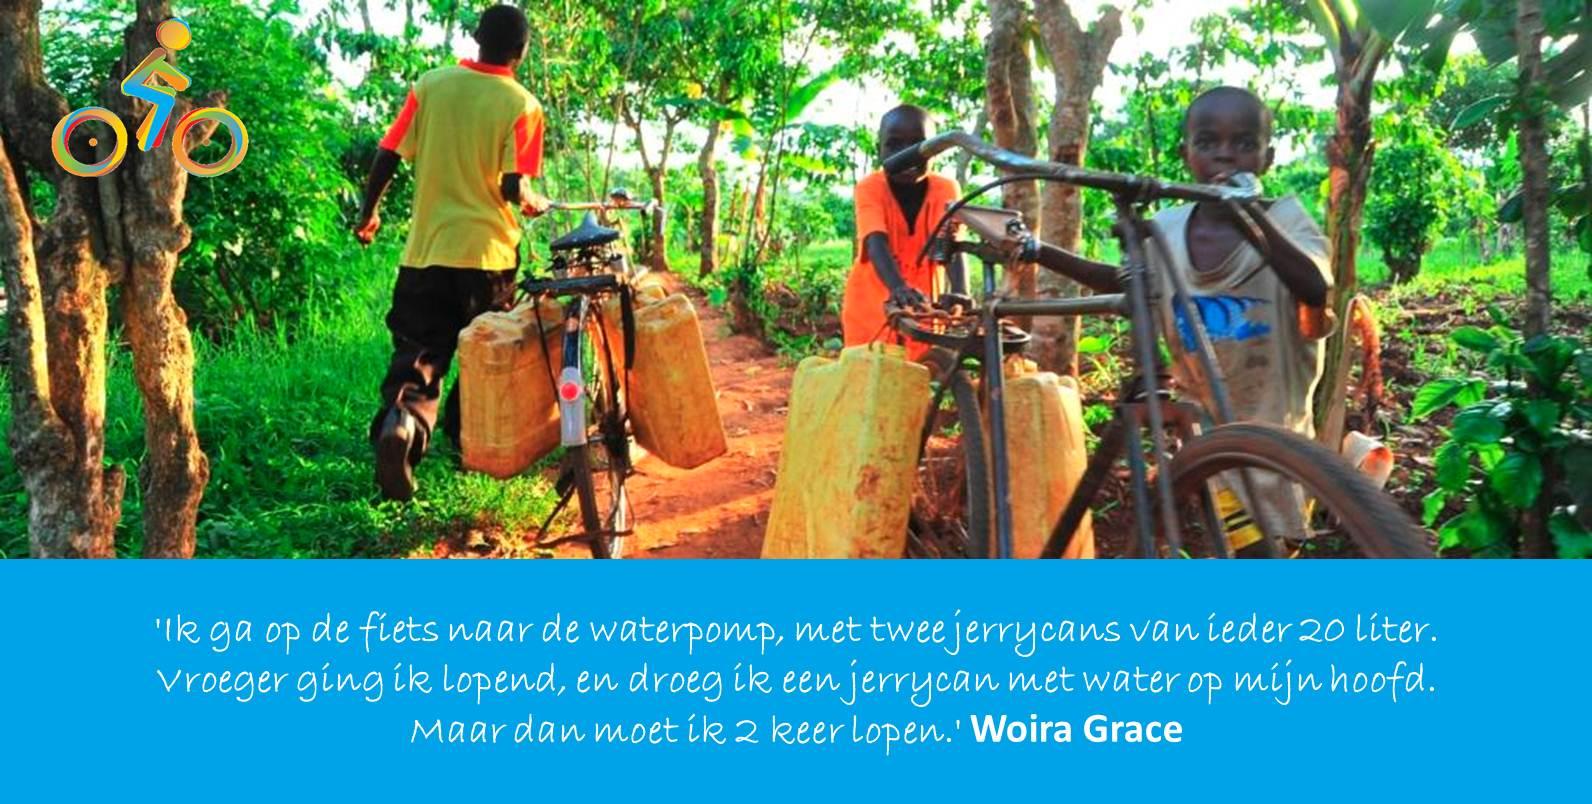 Bike4School Woira Grace